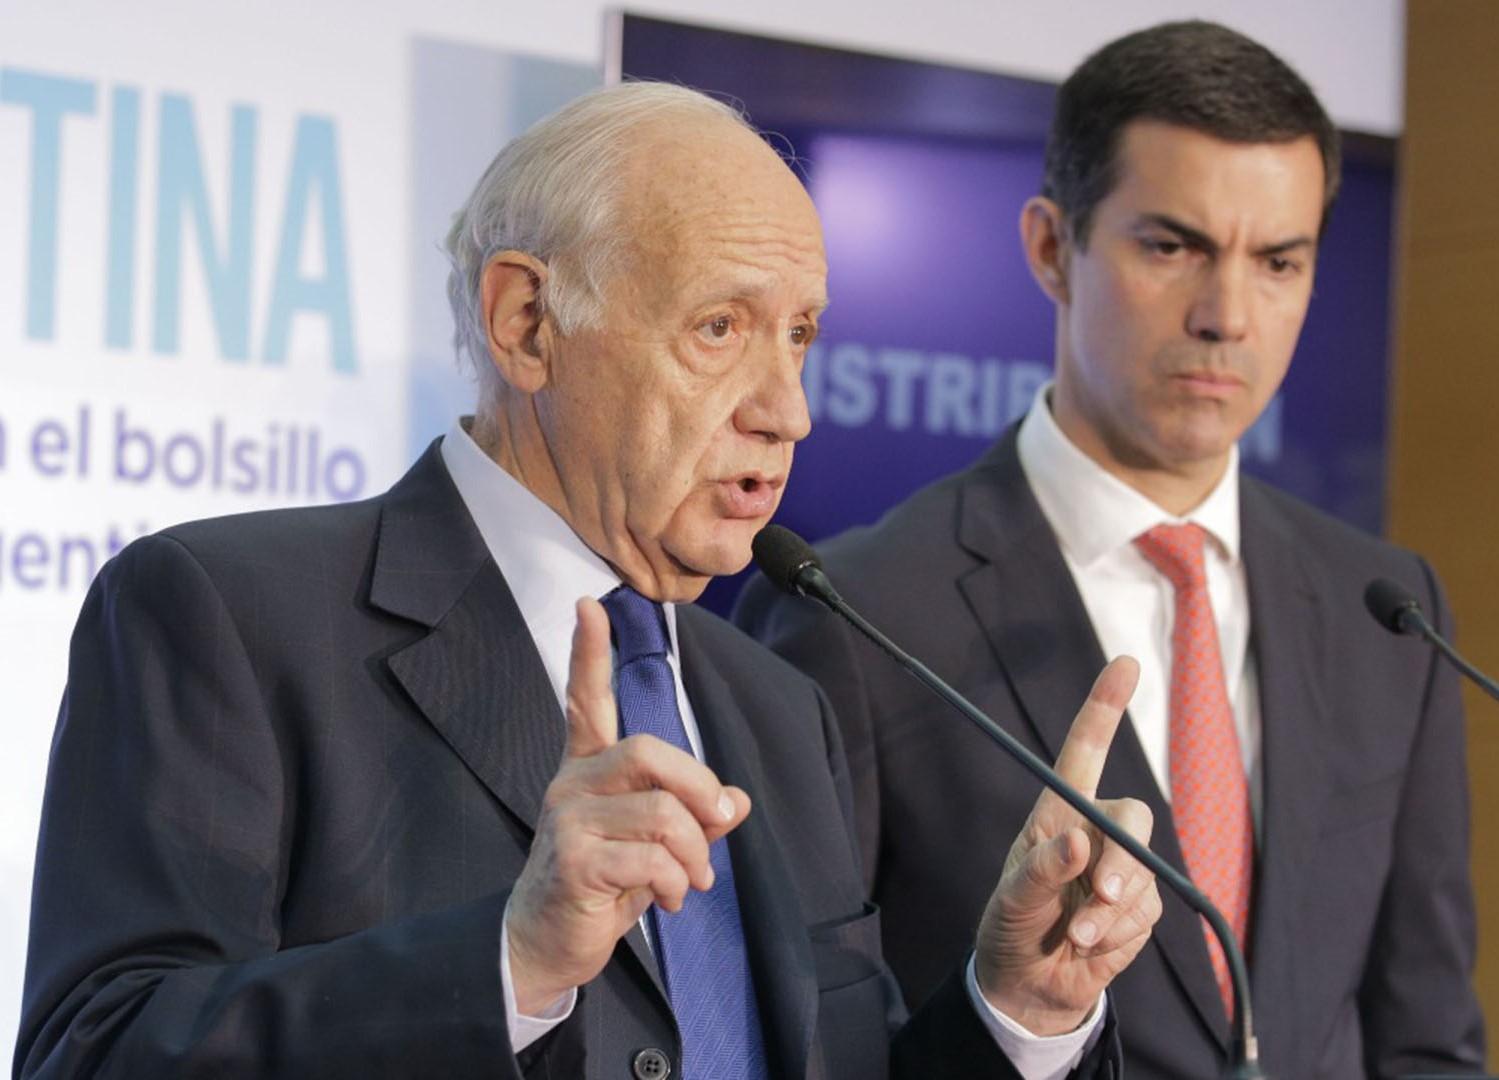 elezioni in argentina 2019 candidati programmi lavagna urtubey